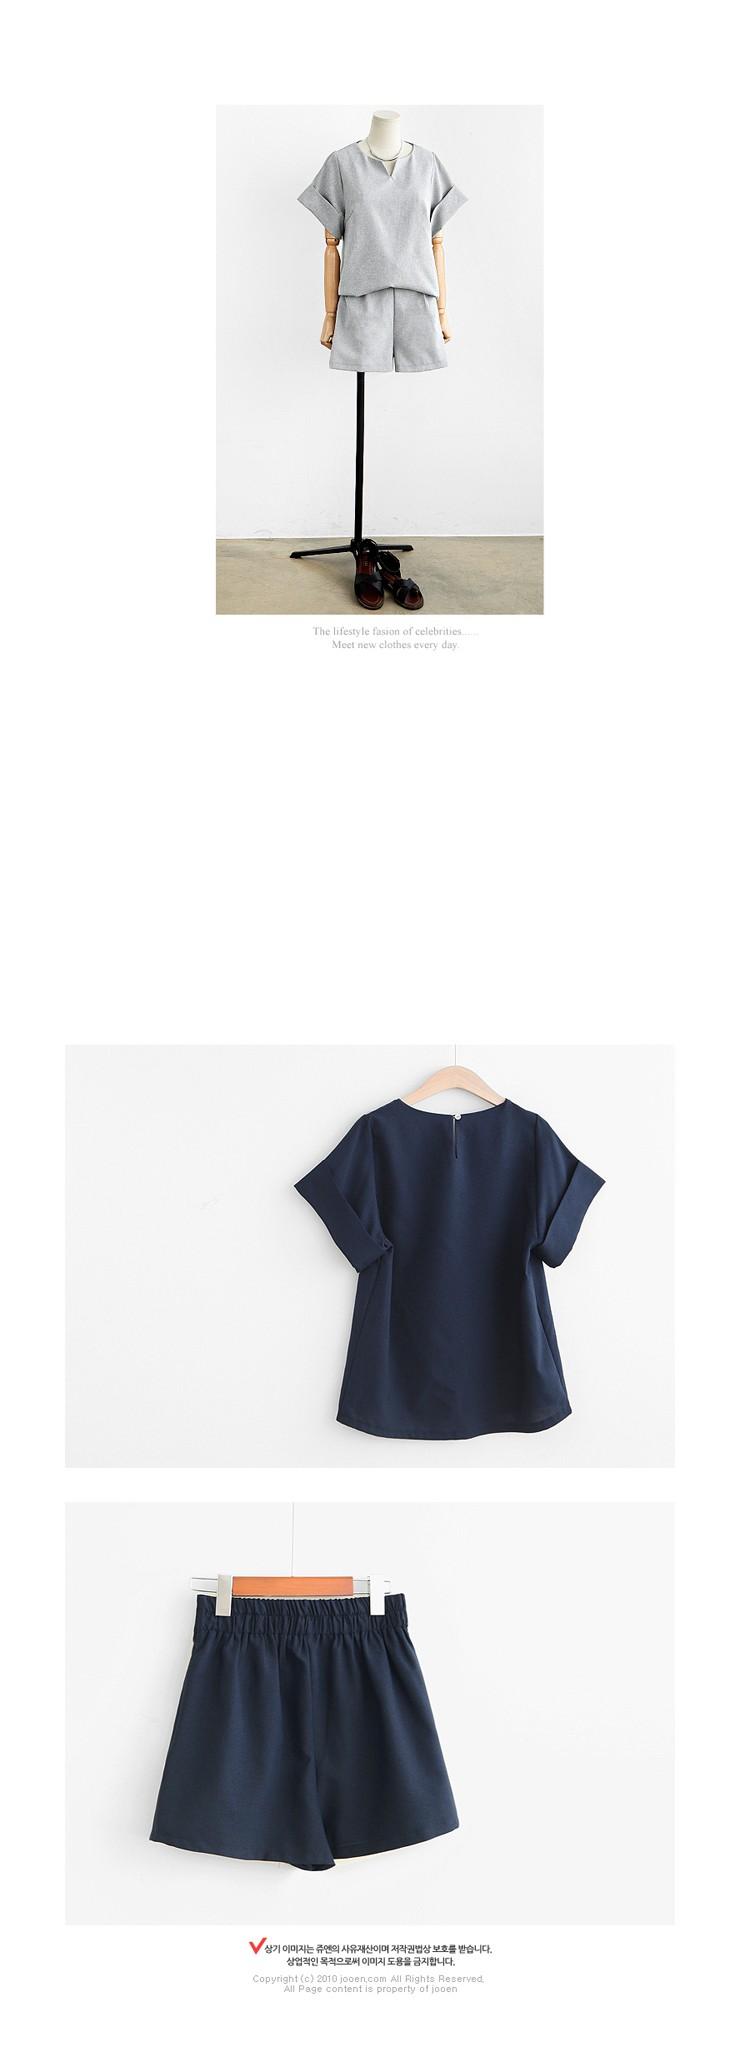 2017 Kobiety Lato W Stylu Casual Cotton Linen Top Koszula Kobiece Pure Color Kobiet Biuro Garnitur Ustawić kobiet Kostiumy Hot Krótki zestawy 8